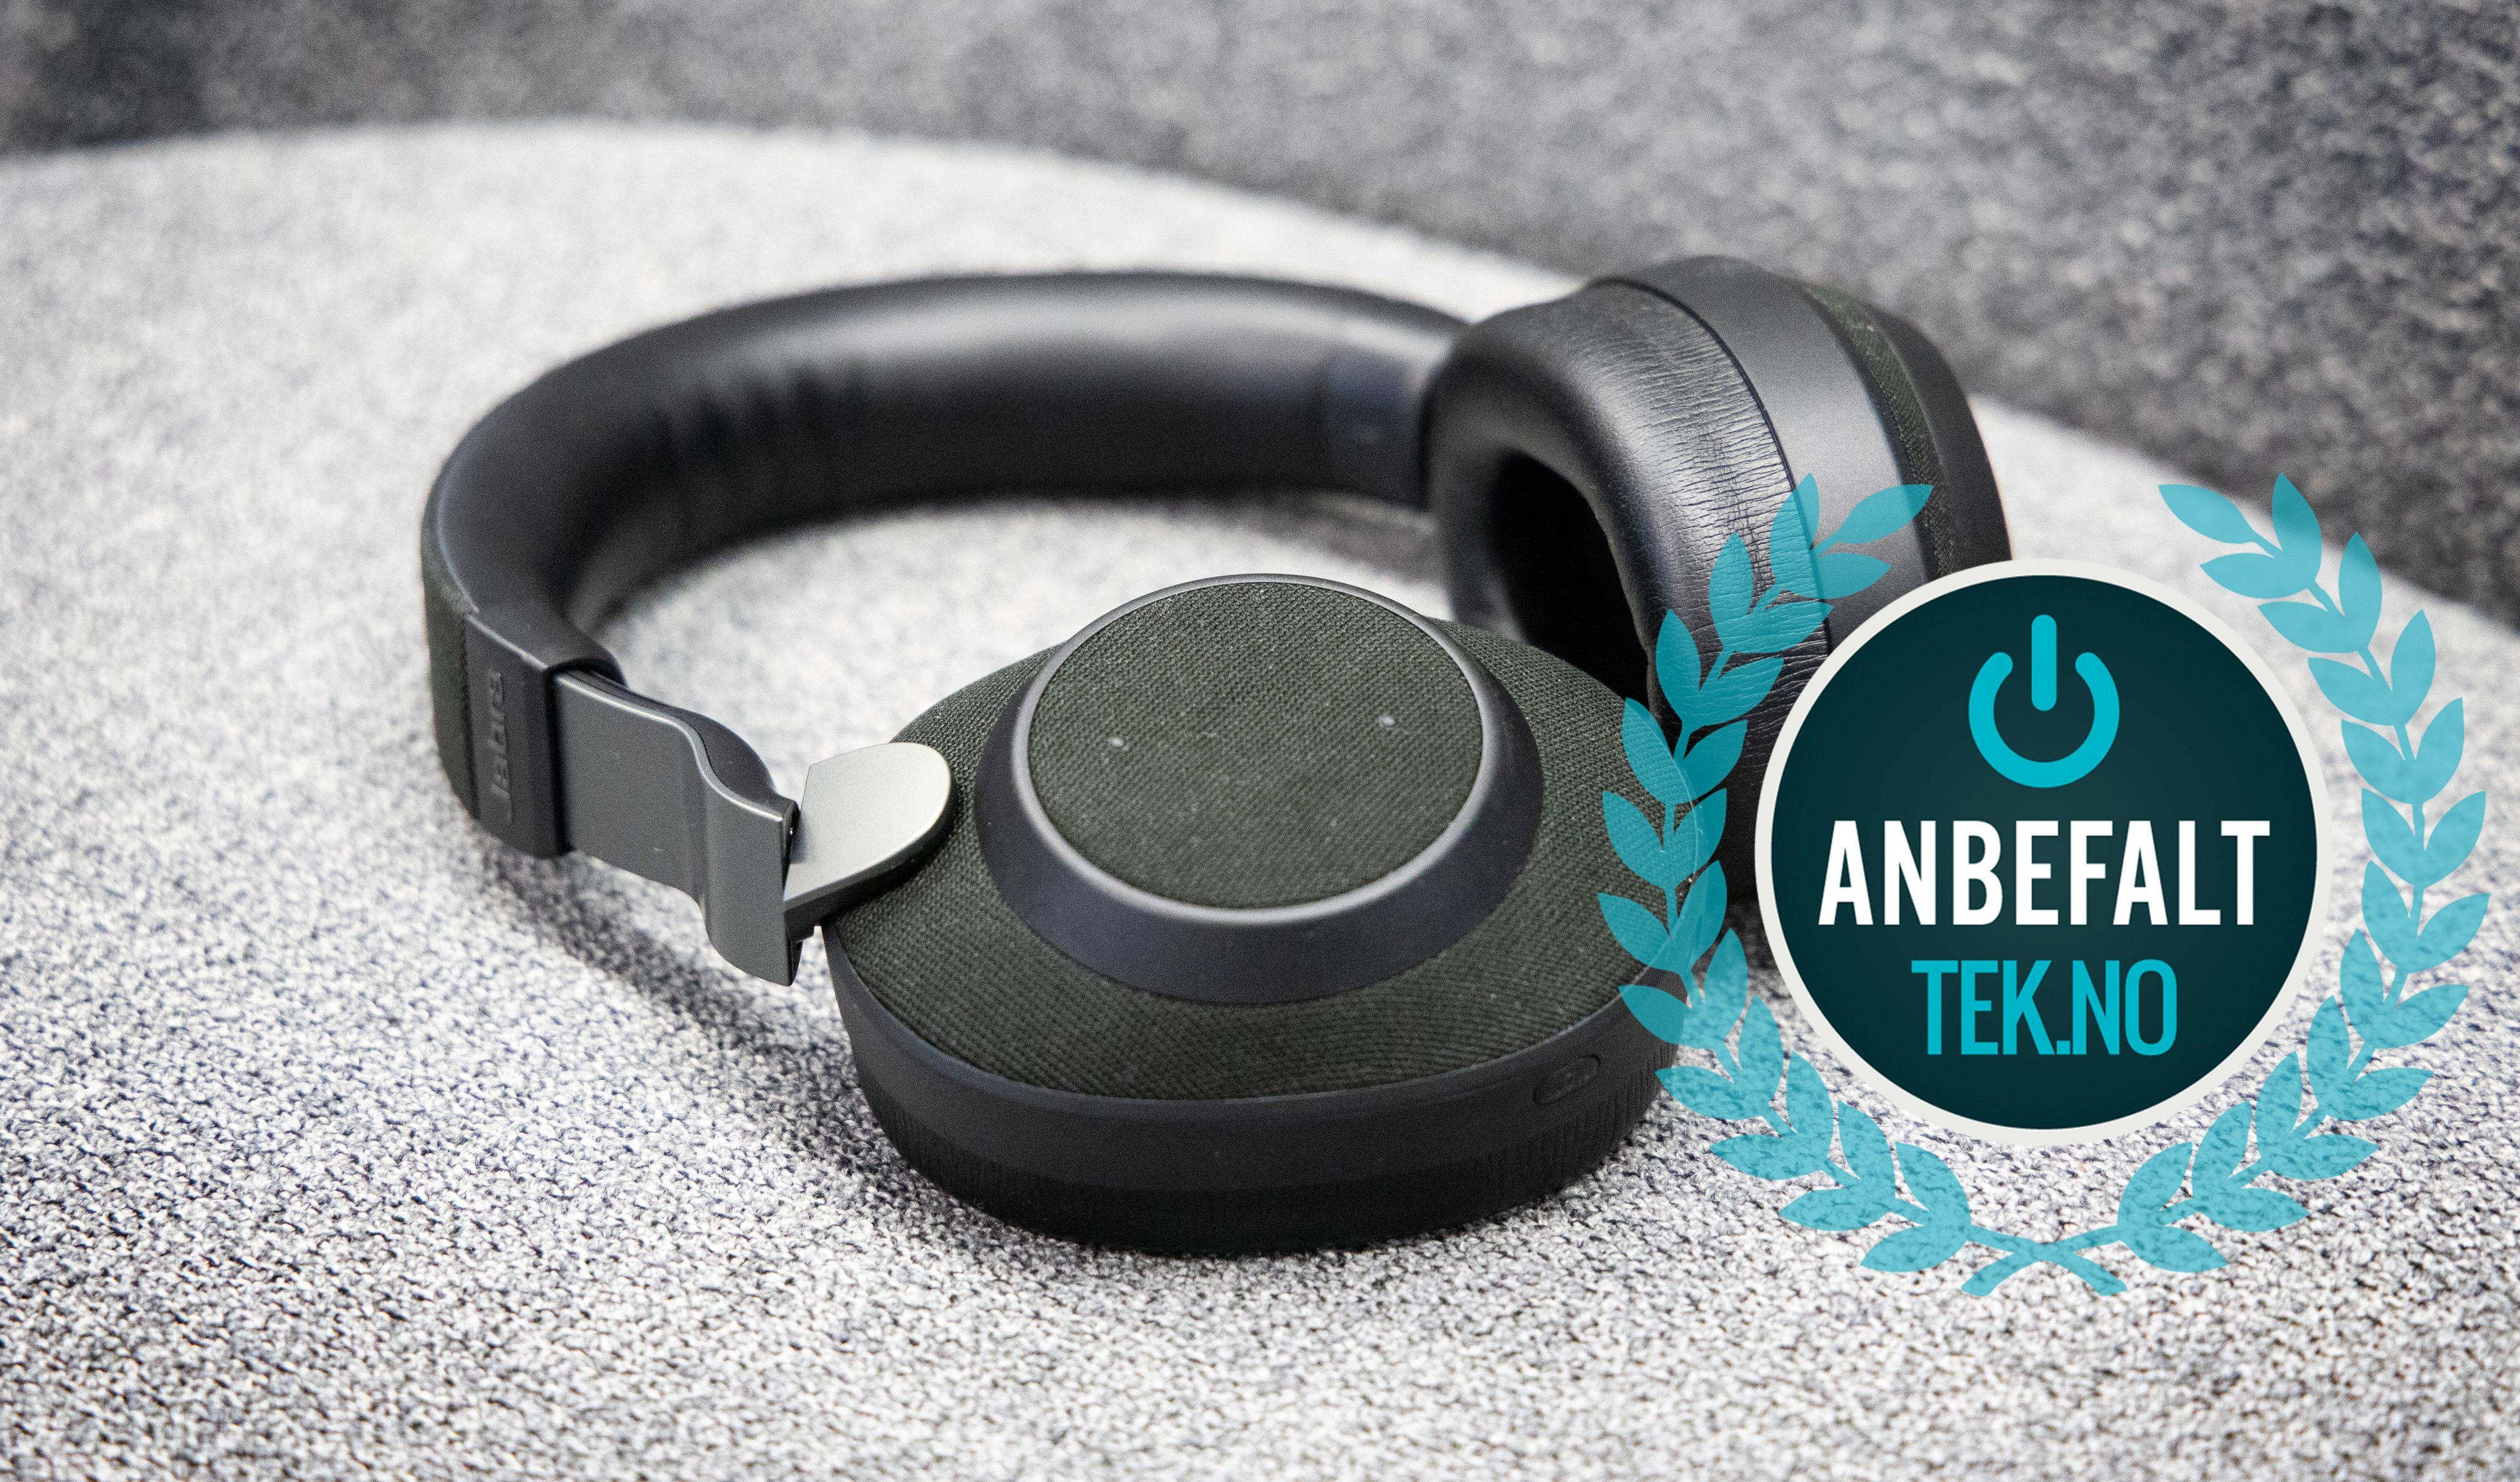 Jabra gir Sony tøff kamp om å tilby den beste kombinasjonen av lydkvalitet og støydemping. Resultatet er nærmest uavgjort.